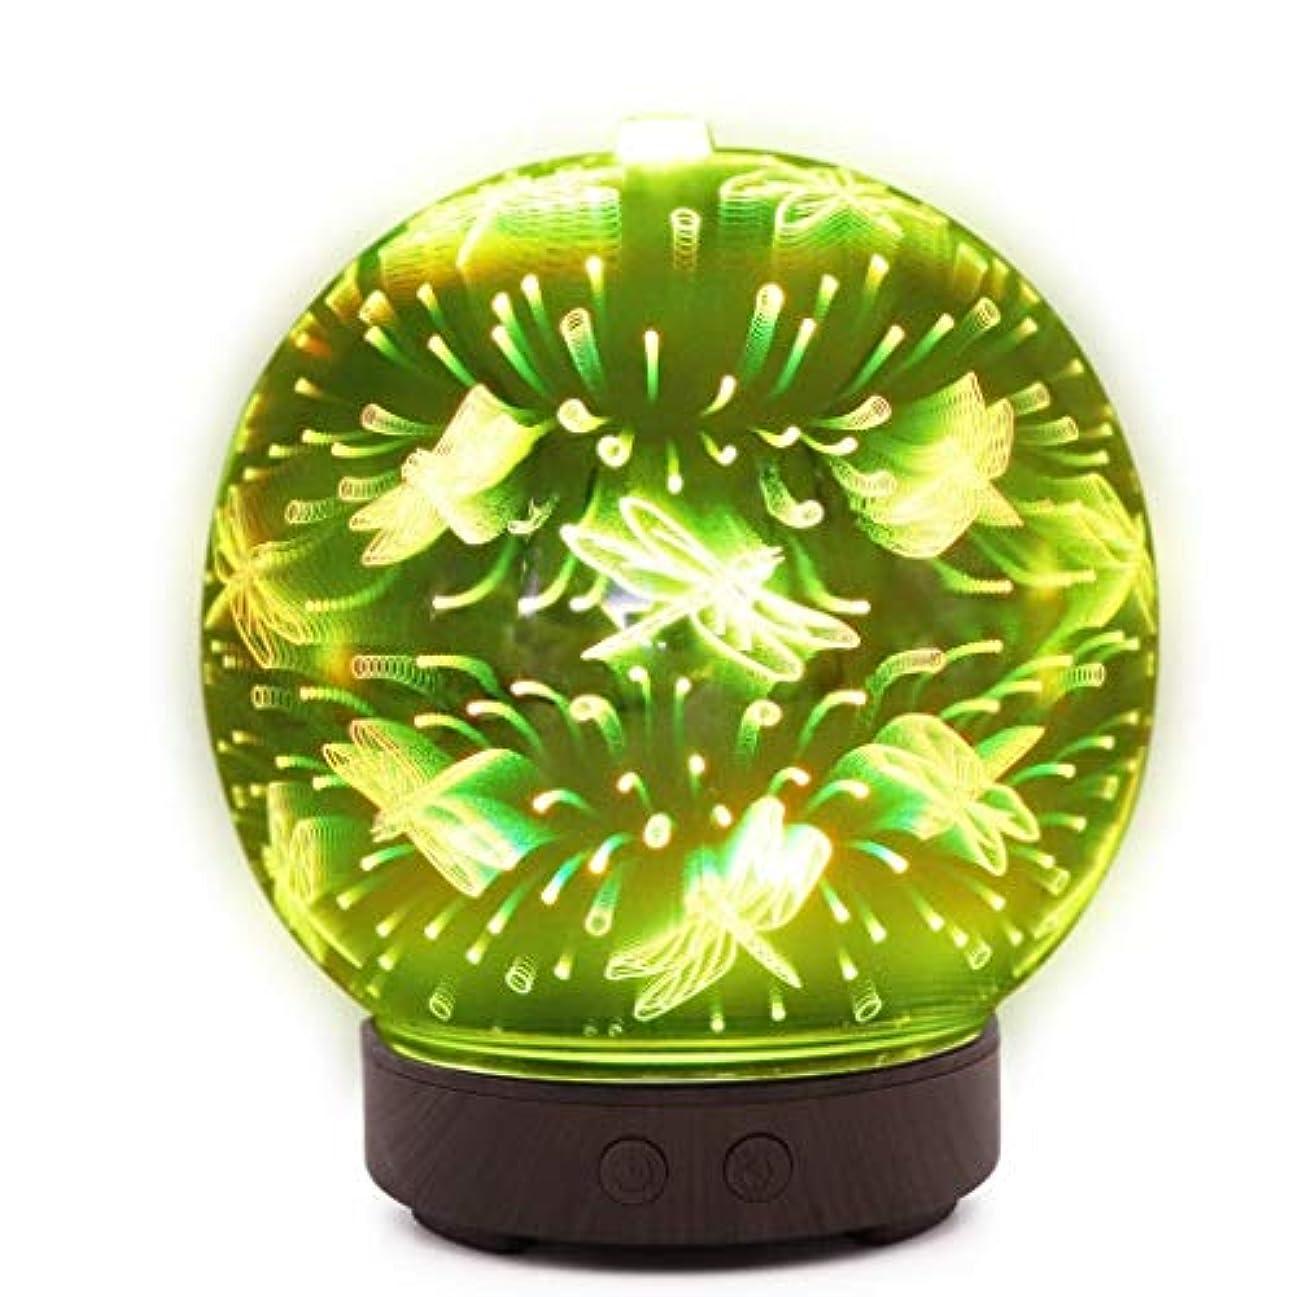 行く暖かさ哲学自動シャットオフ機能付き100mlミストディフューザー、7色LEDライト&大型水タンク - ホームヨガの寝室のための3D効果ナイトライトアロマ加湿器 (Color : Dragonfly Pattern)